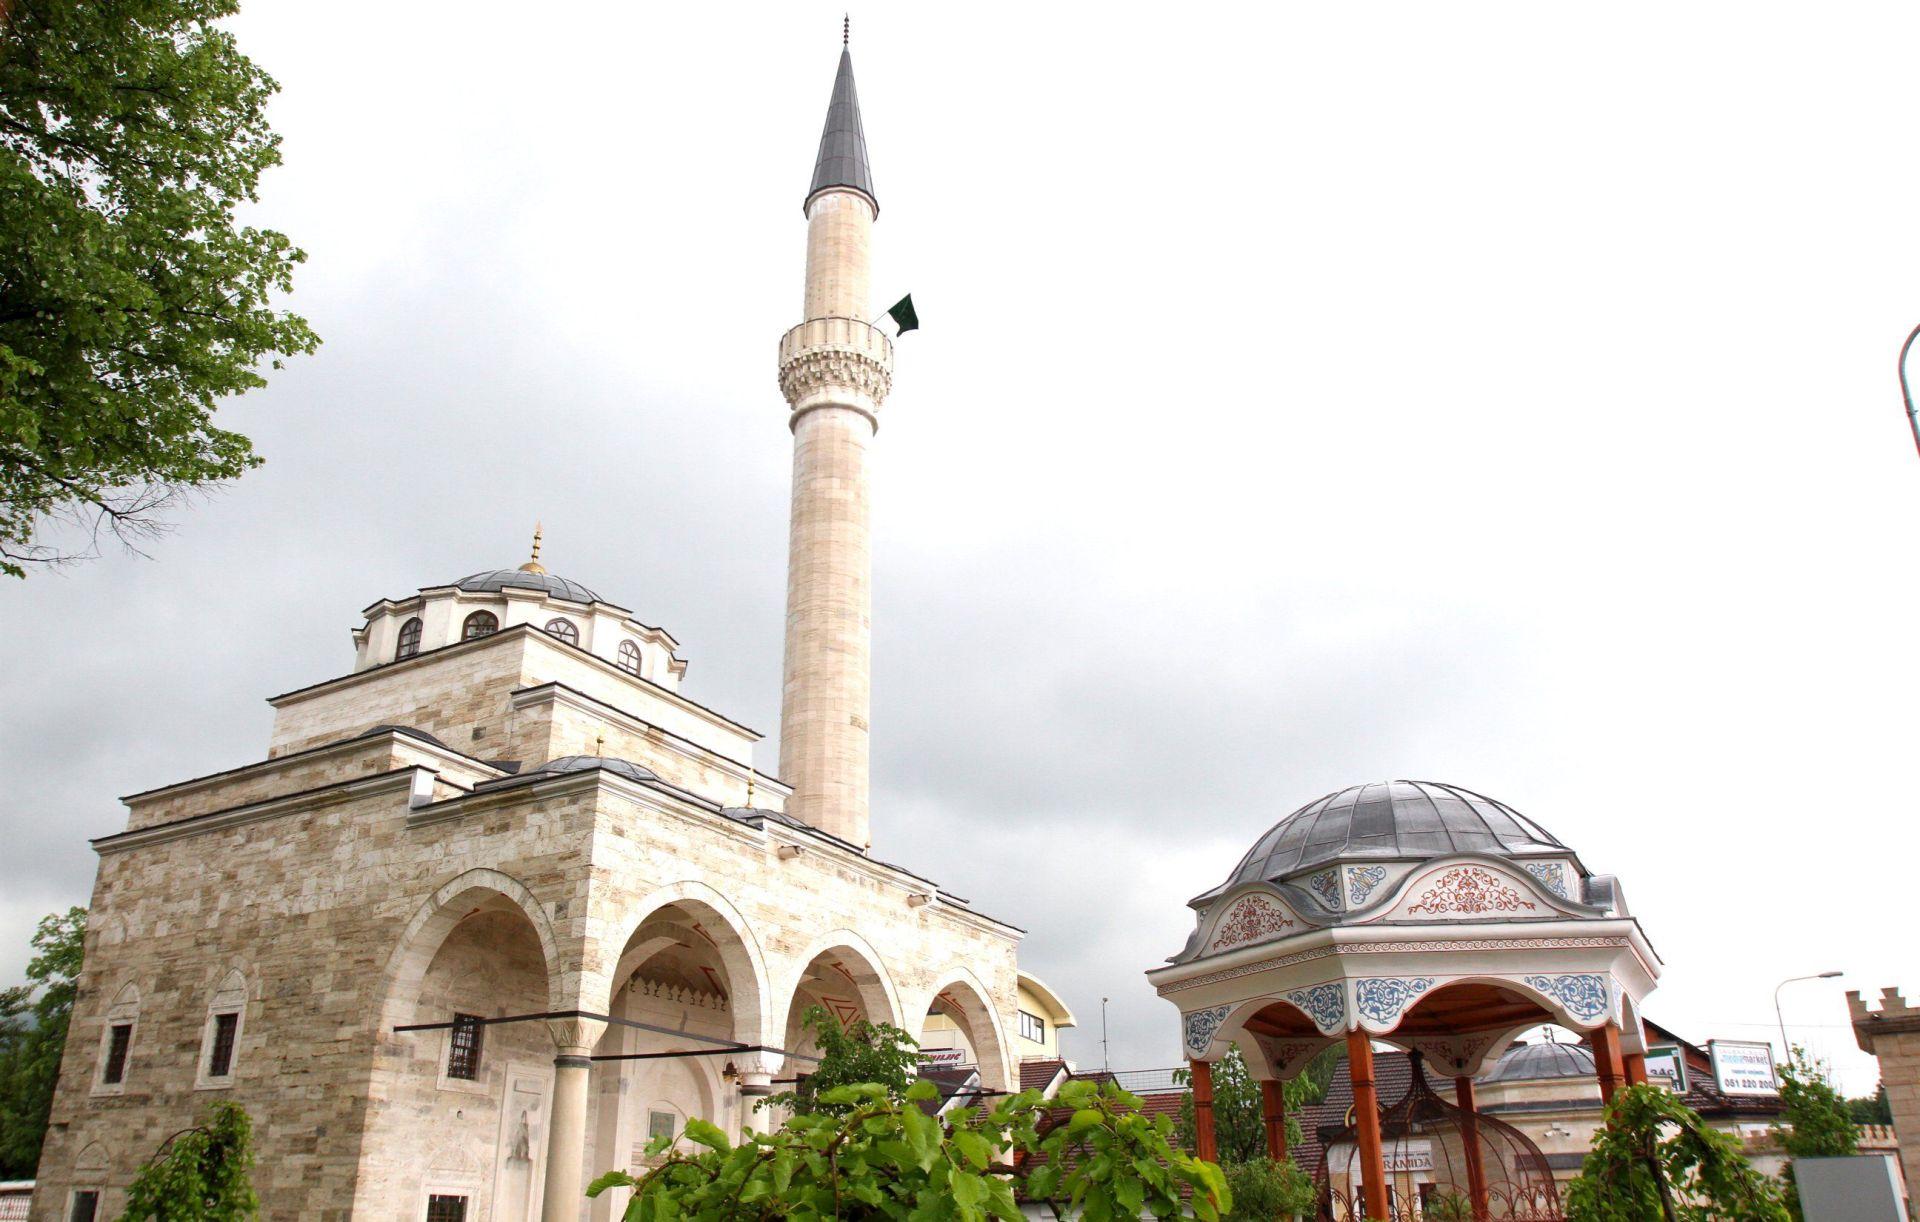 Nakon 15-godišnje obnove uz poruke pomirenja otvorena najljepša banjolučka džamija Ferhadija